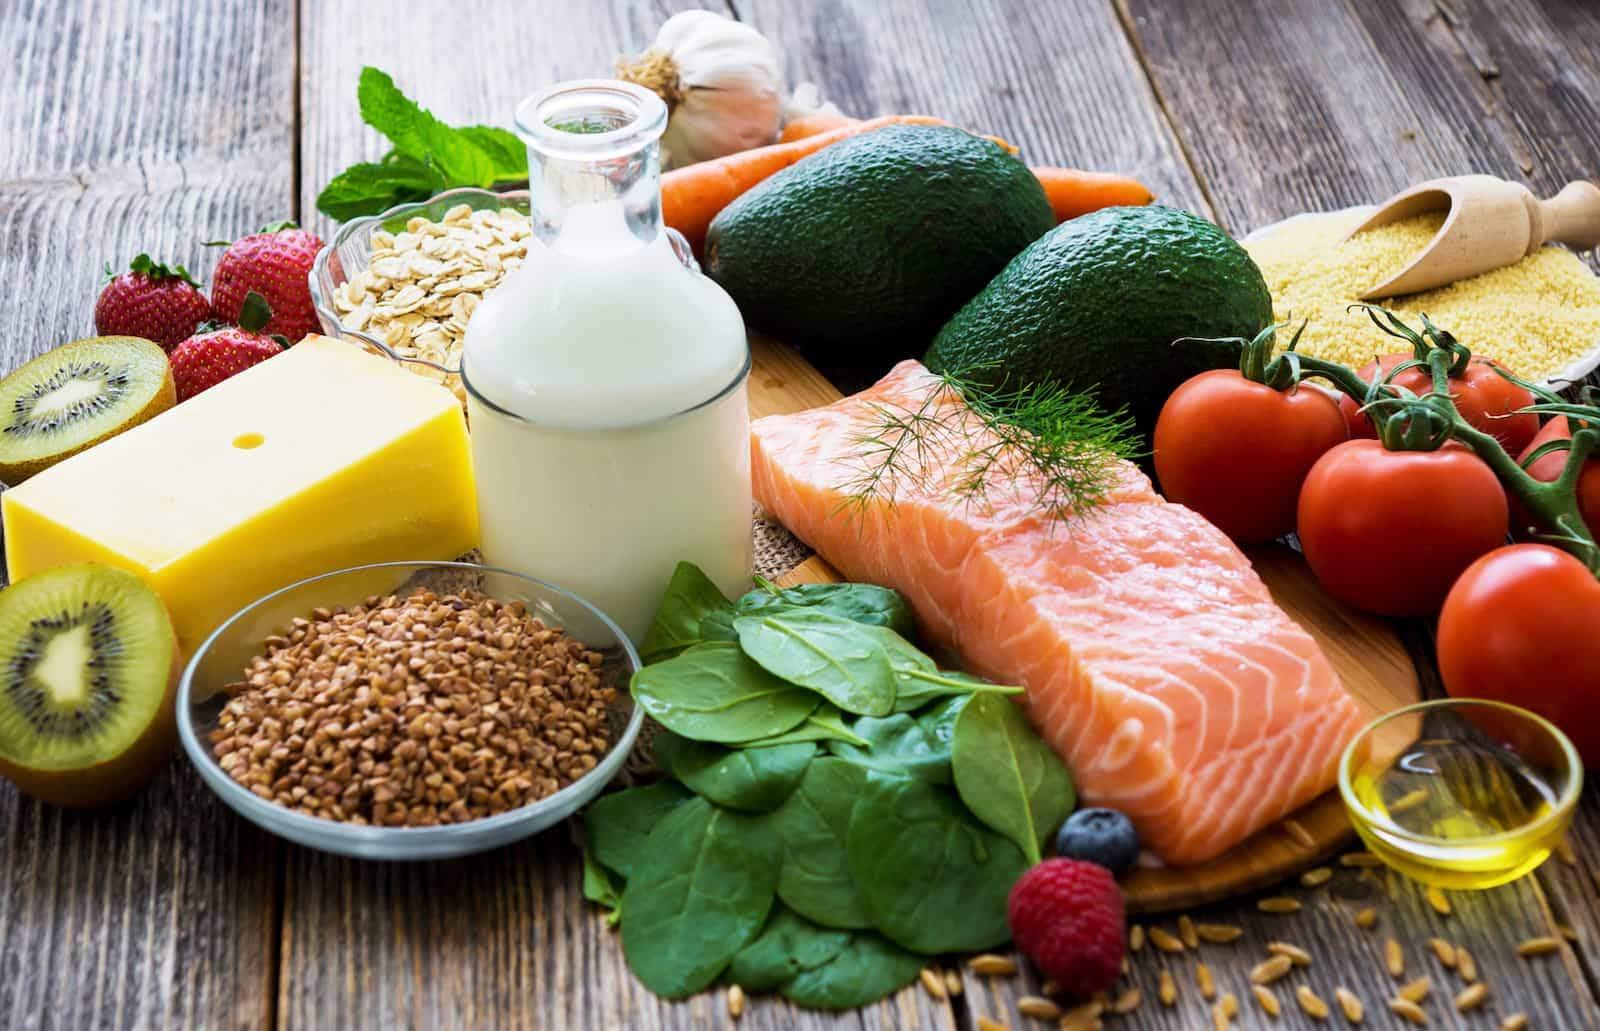 #776 El mito de los alimentos ecológicos | luisbermejo.com | podcast